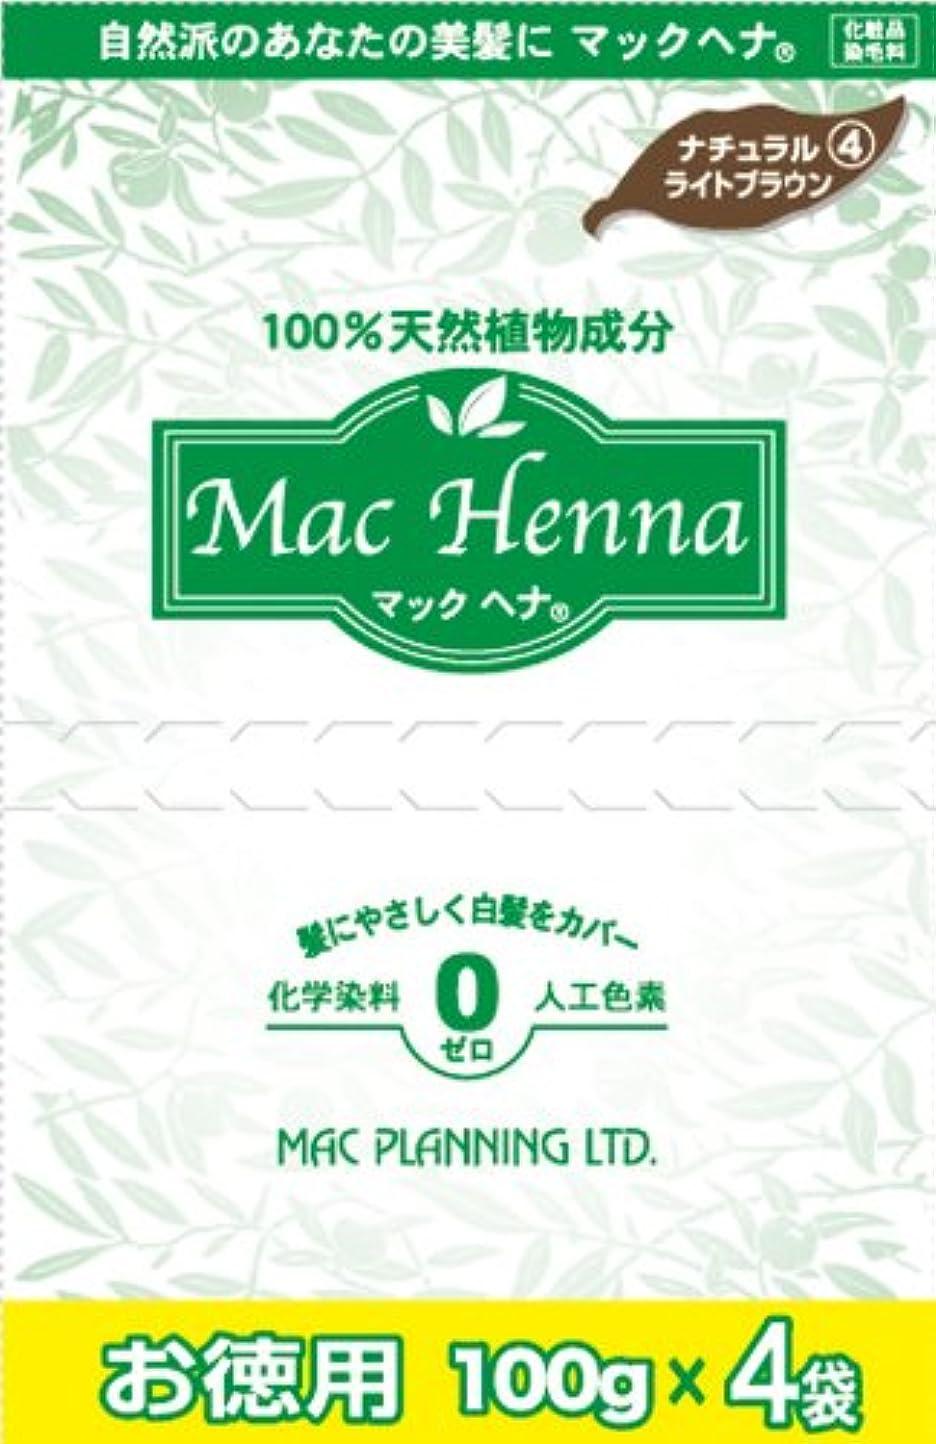 スクレーパー失態メンター天然植物原料100% 無添加 マックヘナ お徳用(ナチュラルライトブラウン)-4  400g(100g×4袋)2箱セット